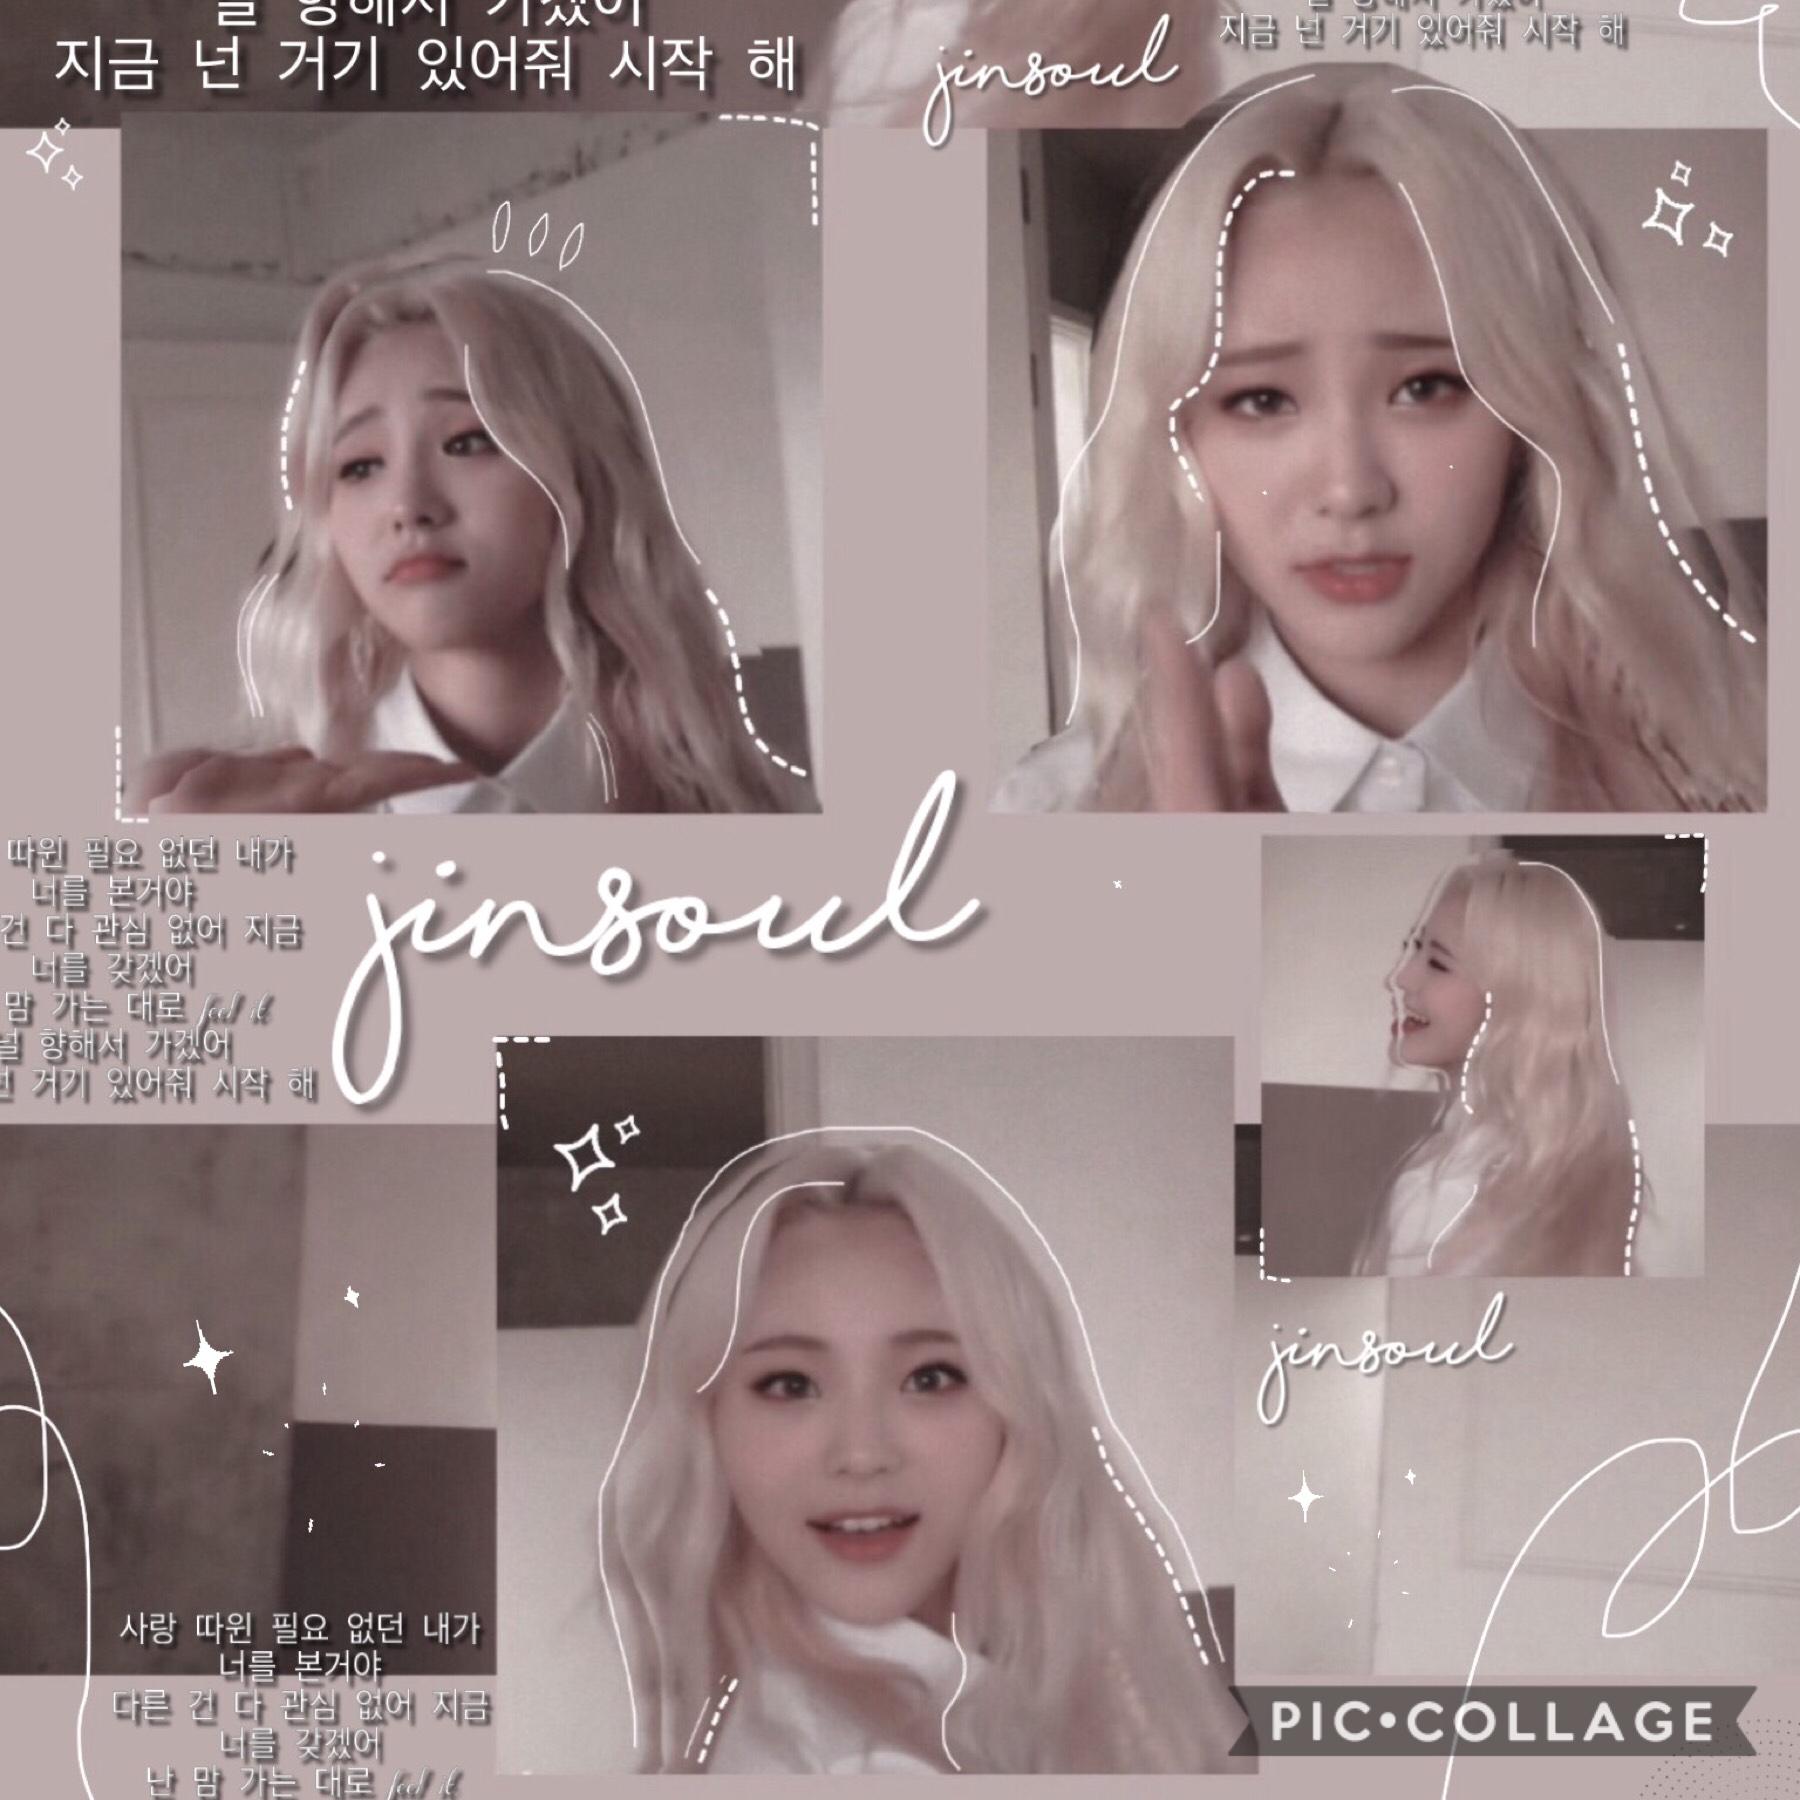 jinsoul 🖤